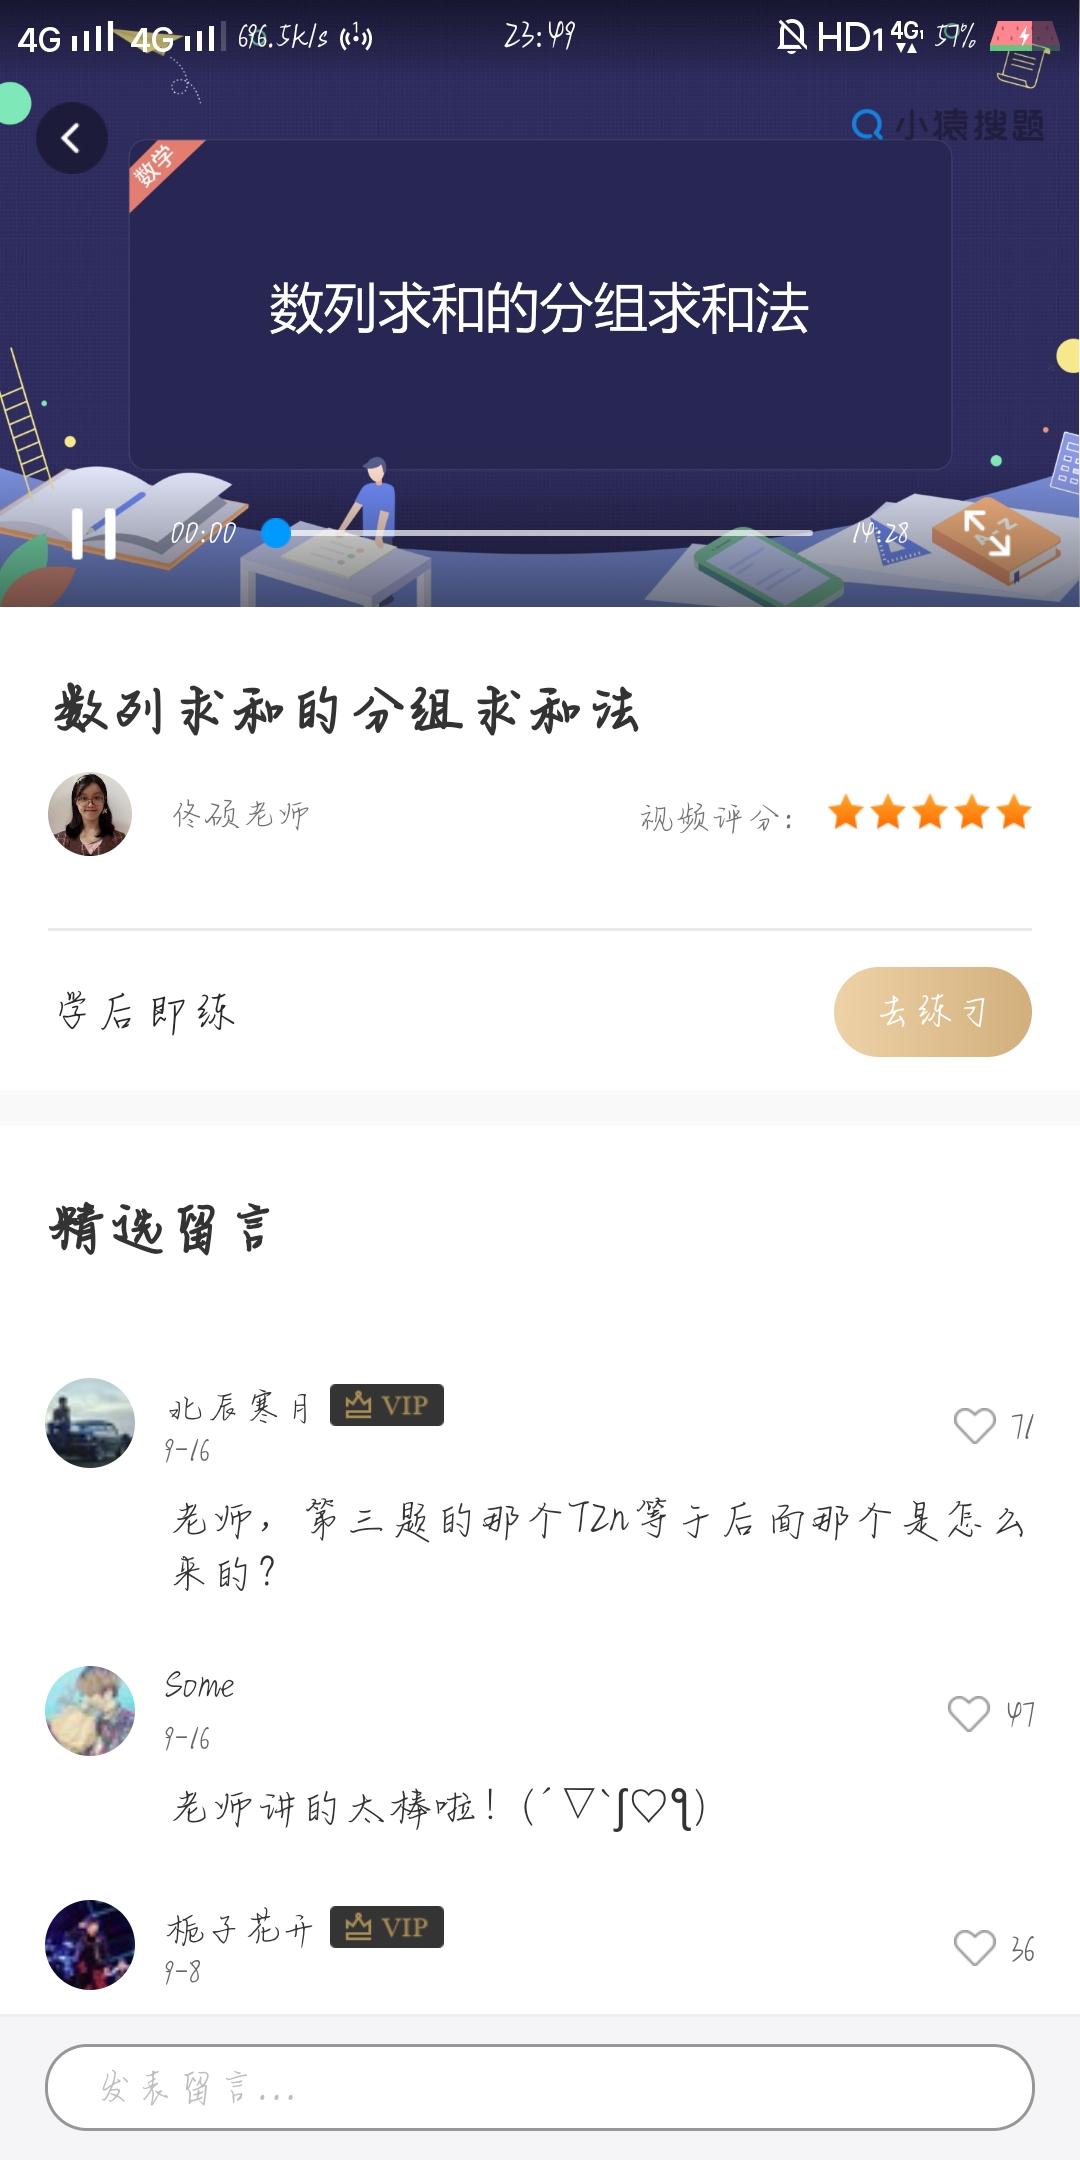 Screenshot_20181024_234951.jpg